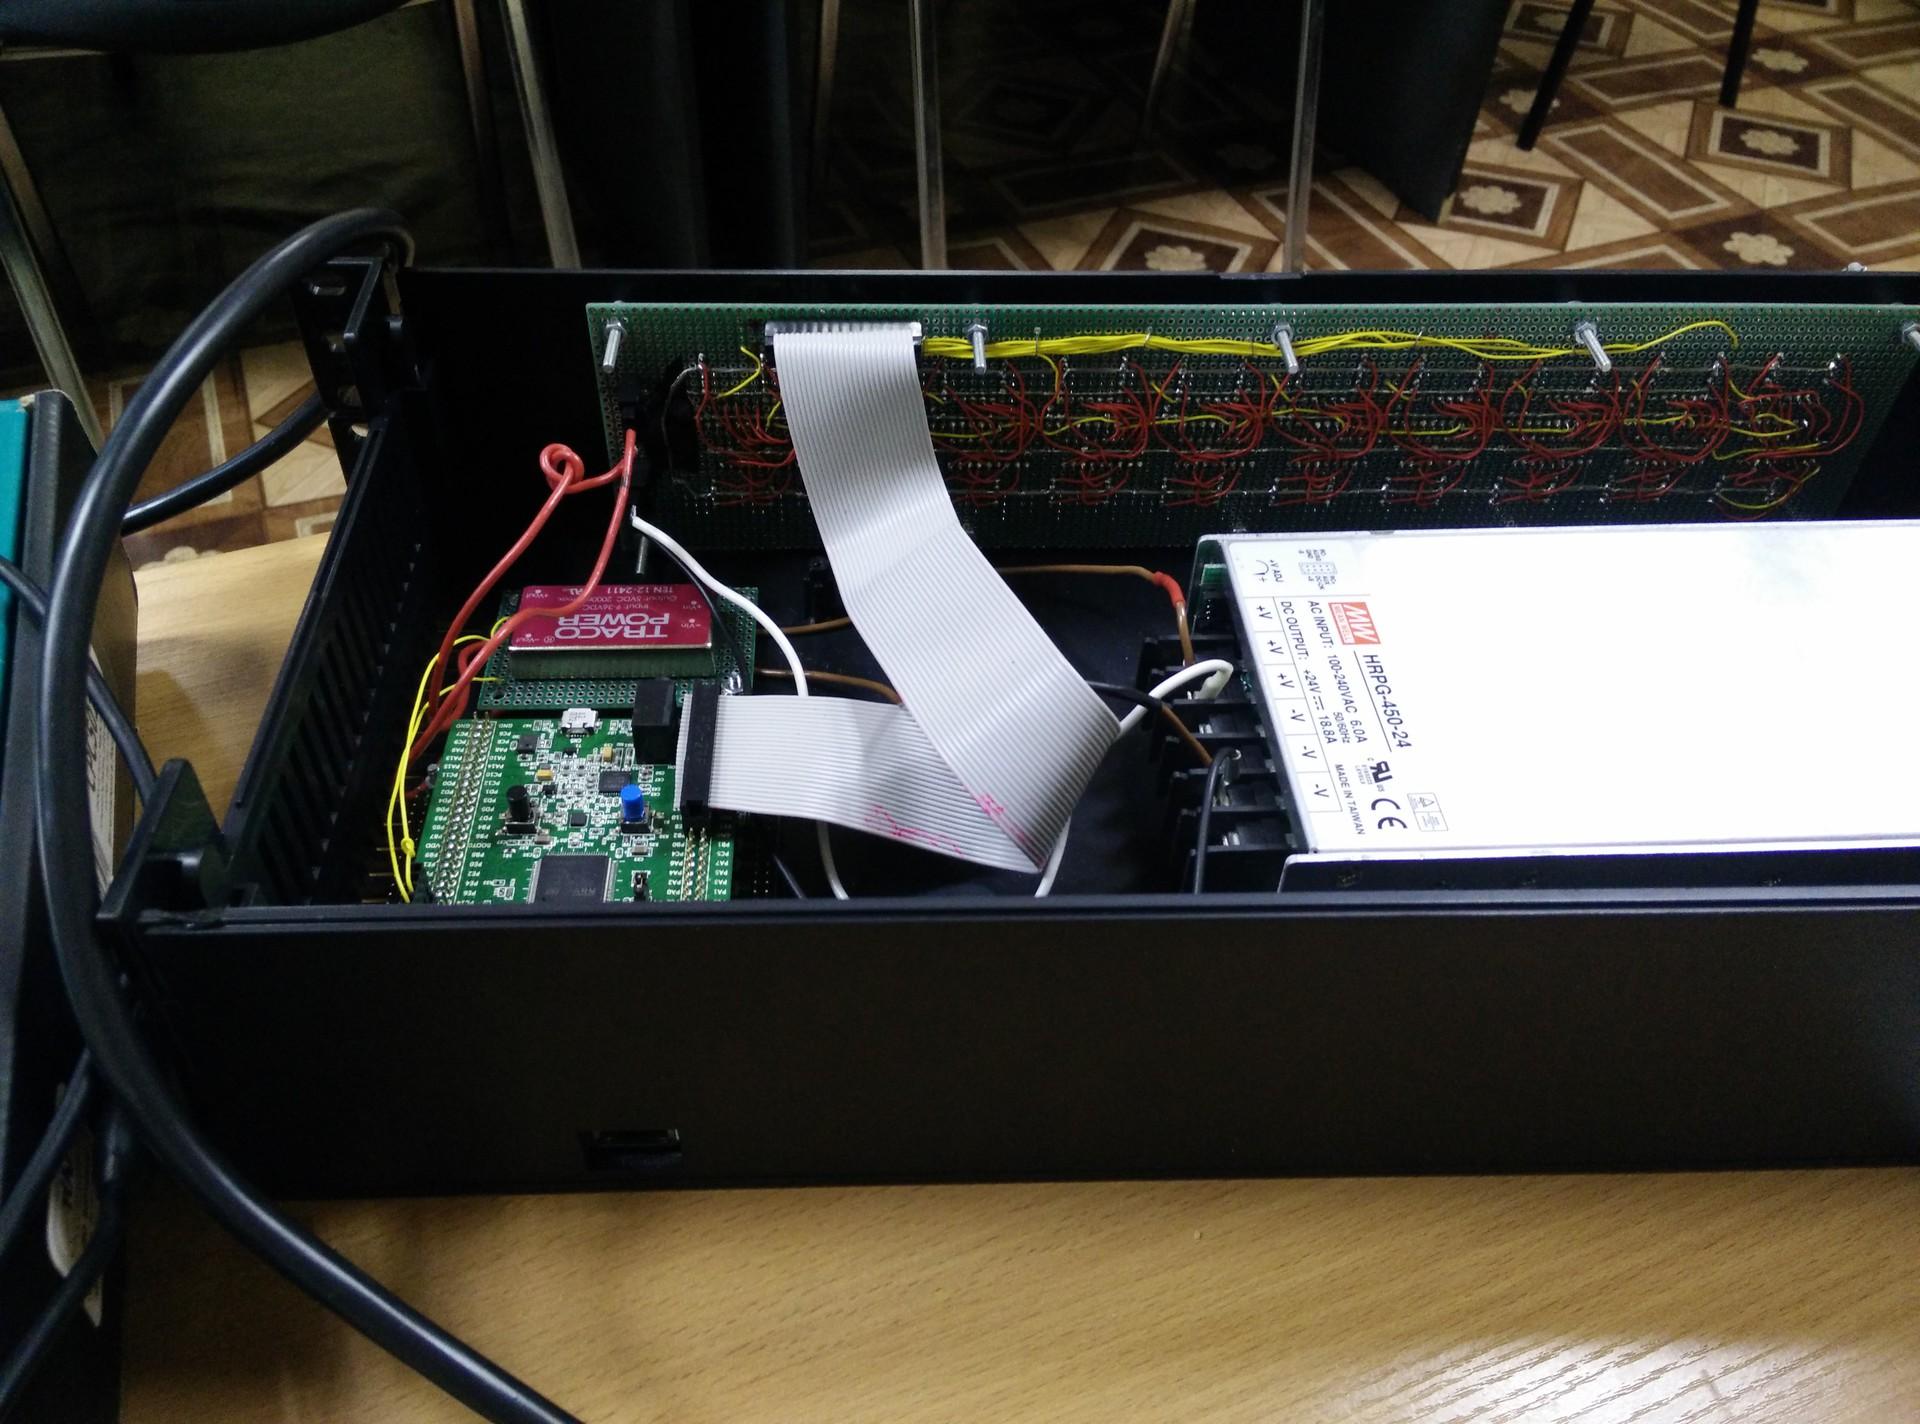 Как мы строили систему аварийной сигнализации дата-центра - 7